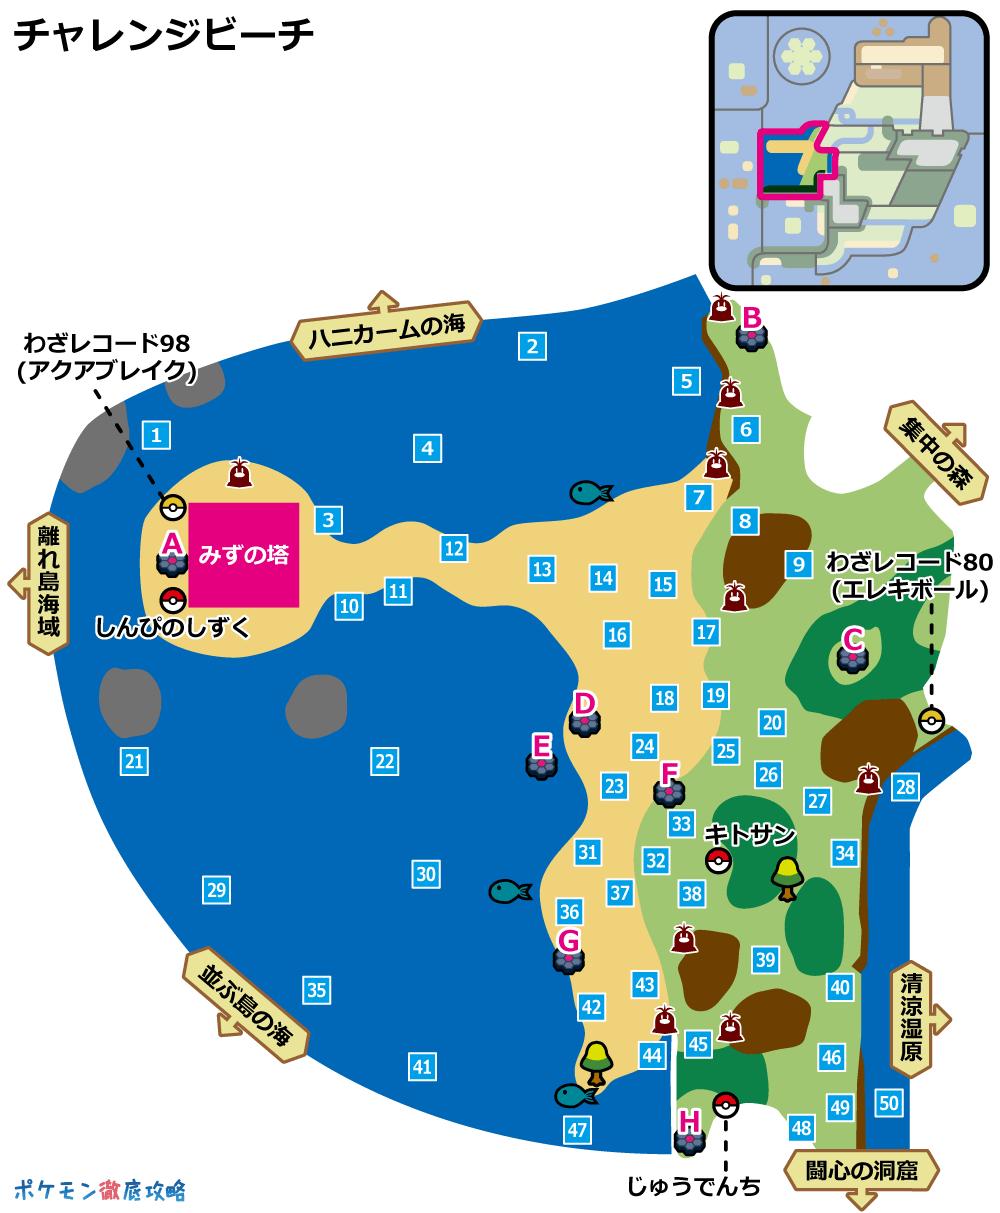 ポケモン シールド 鎧 の 孤島 攻略